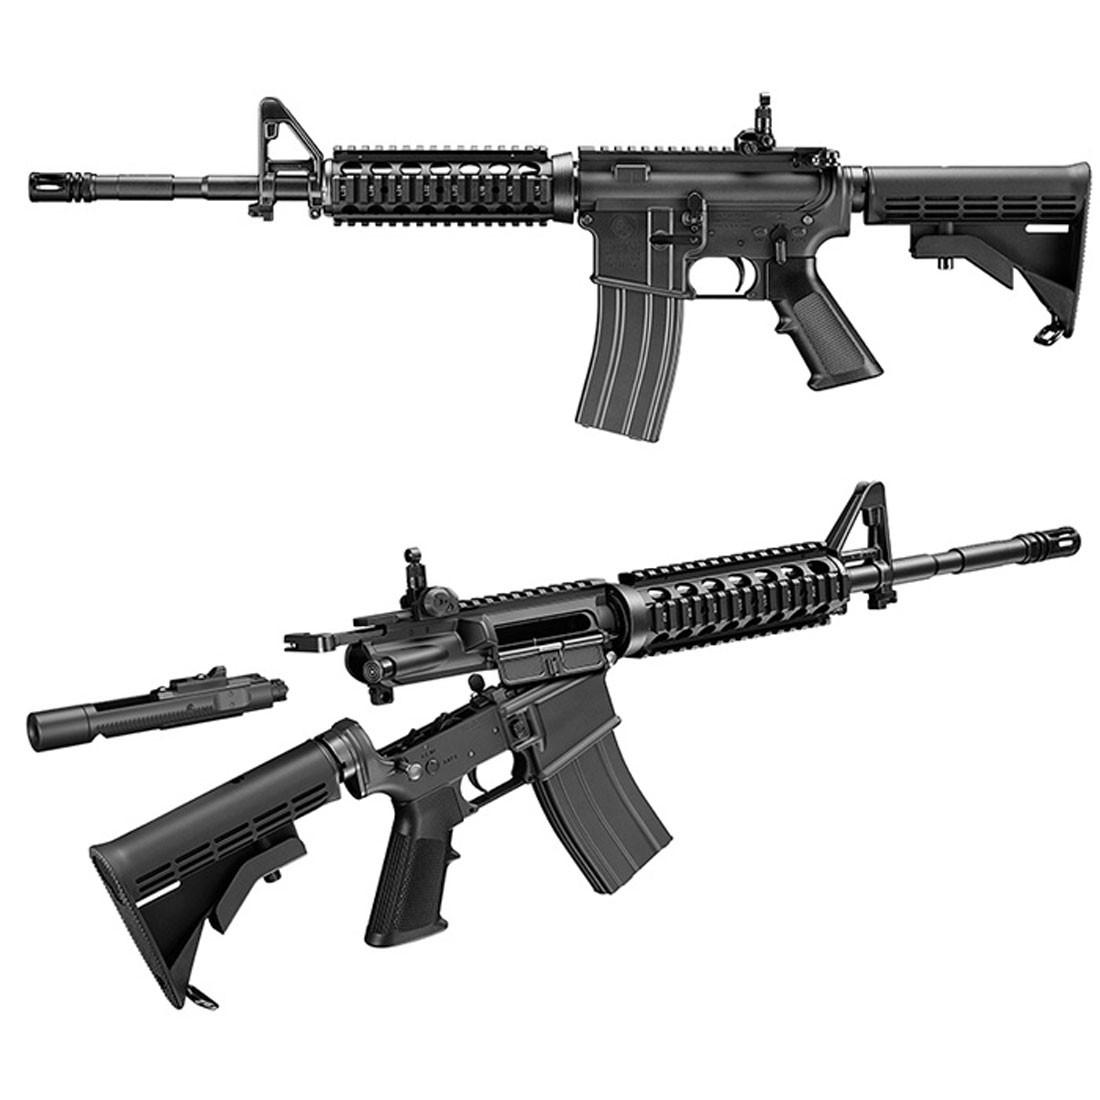 Tokyo Marui M4A1 MWS GBB Rifle airsoft